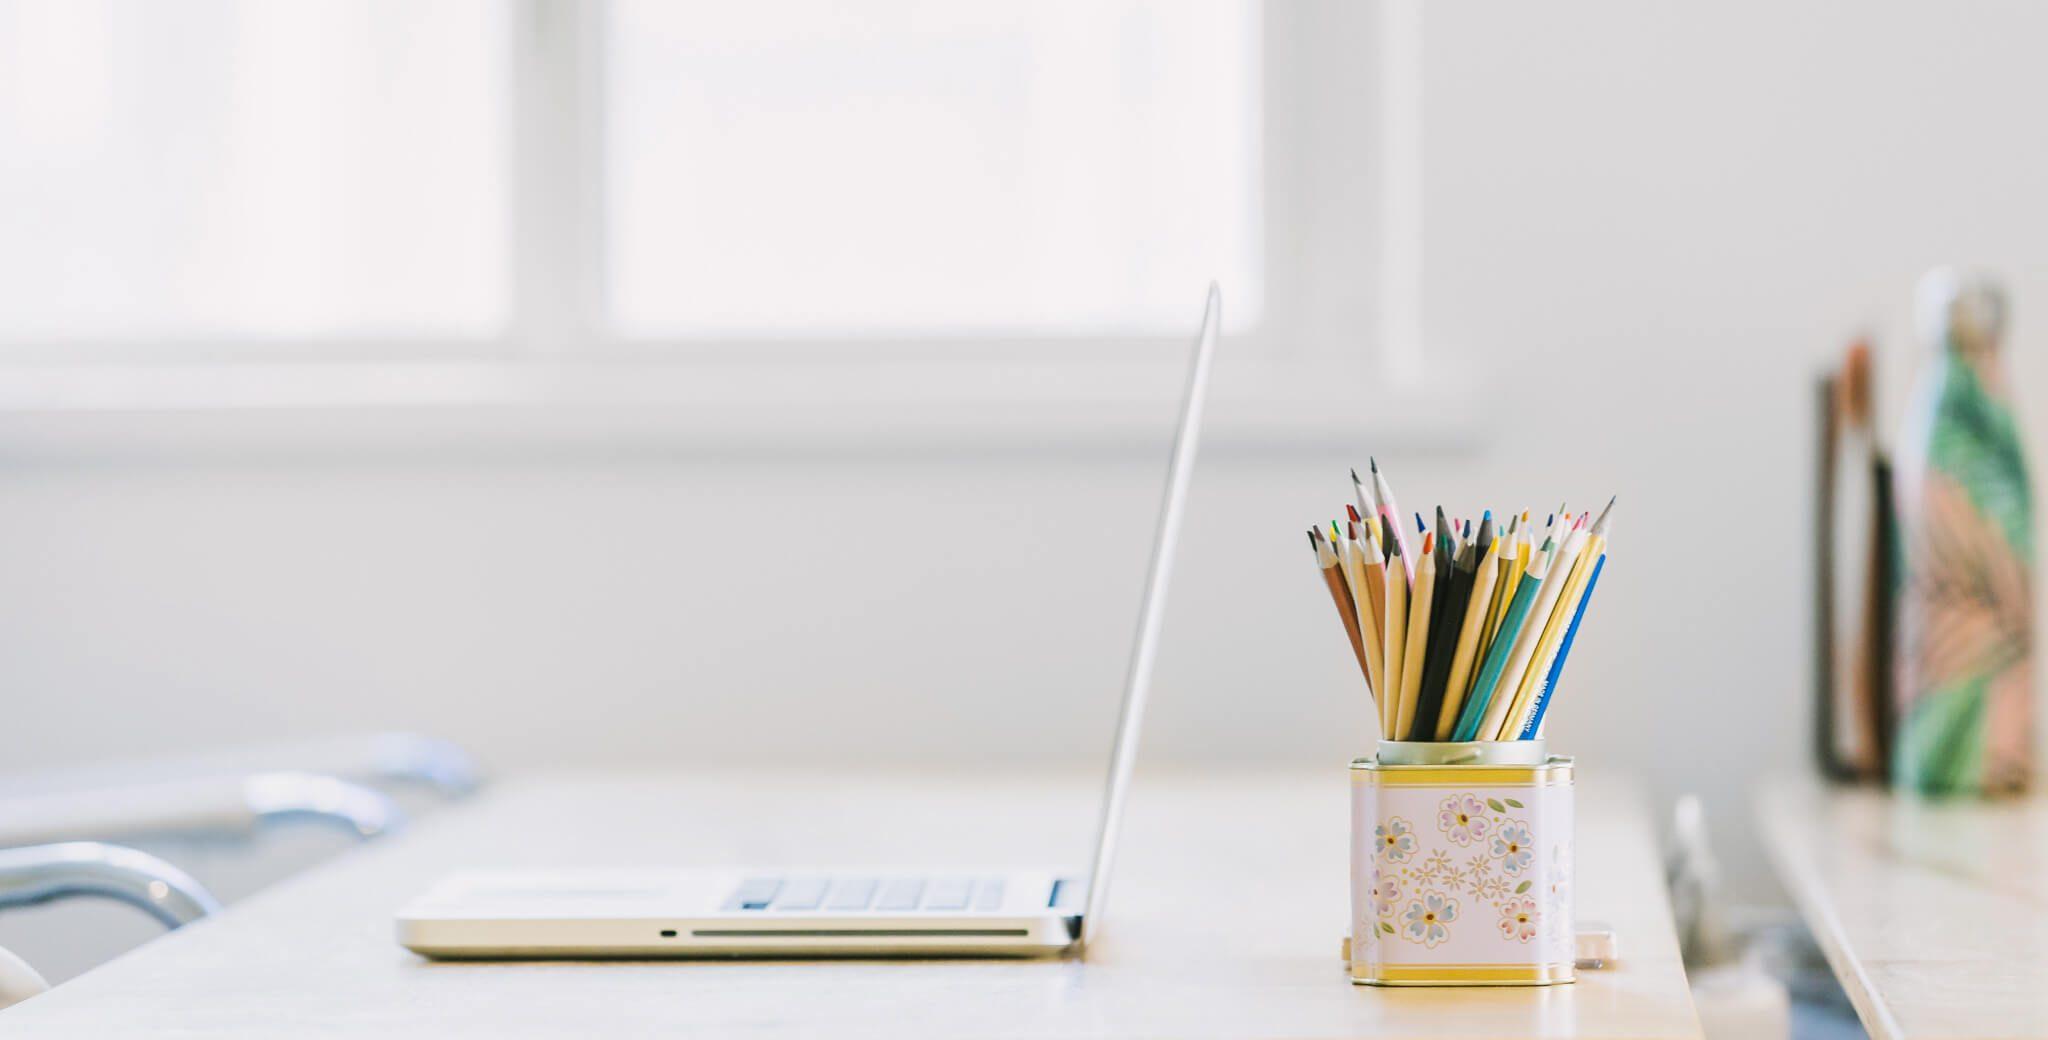 Tidy Desk In Window Light 4460×4460